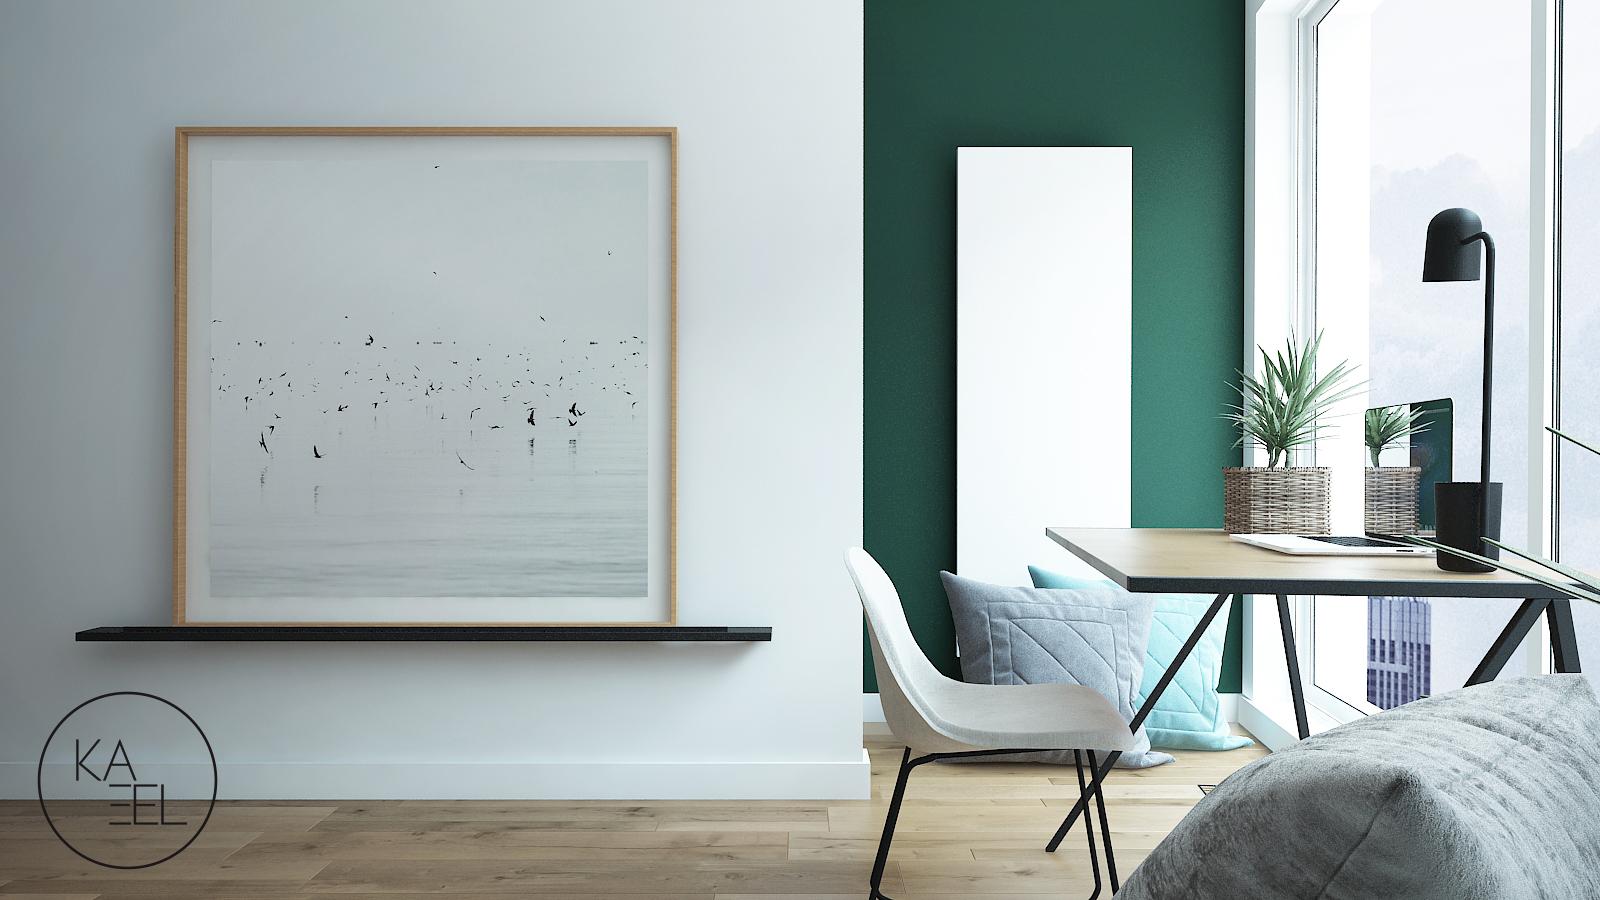 42x-projektowanie-wnetrz-warszawa-pomaranczarnia-kaeel-group